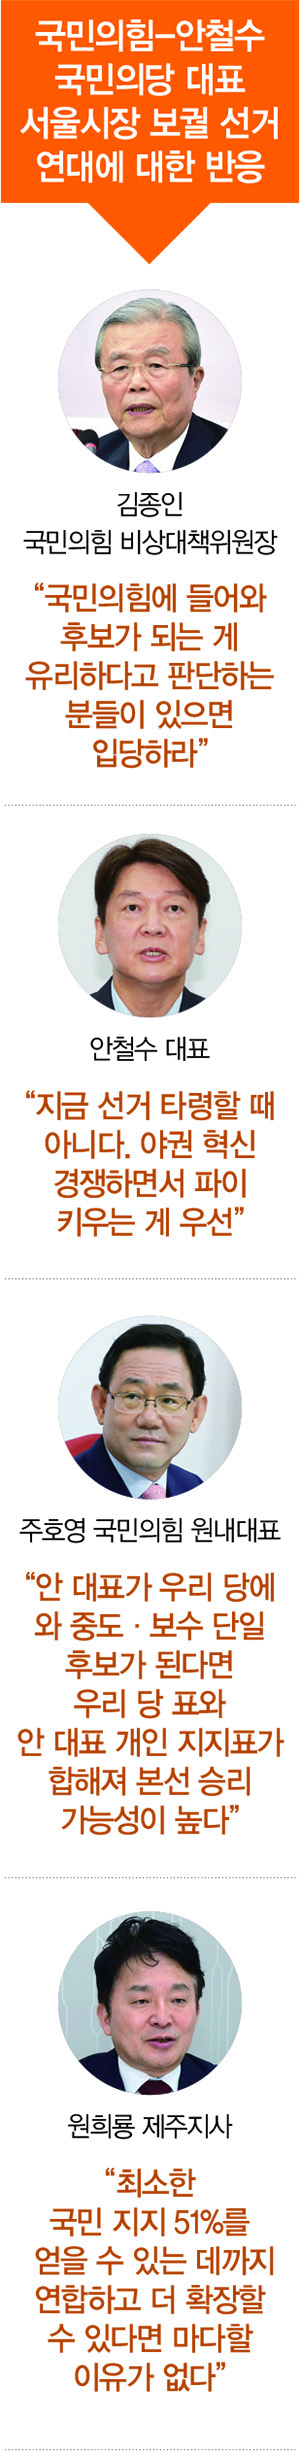 """[홍영식의 정치판] '국민의힘 서울시장'으로 출마, 안철수 """"내용·명분 중요"""""""